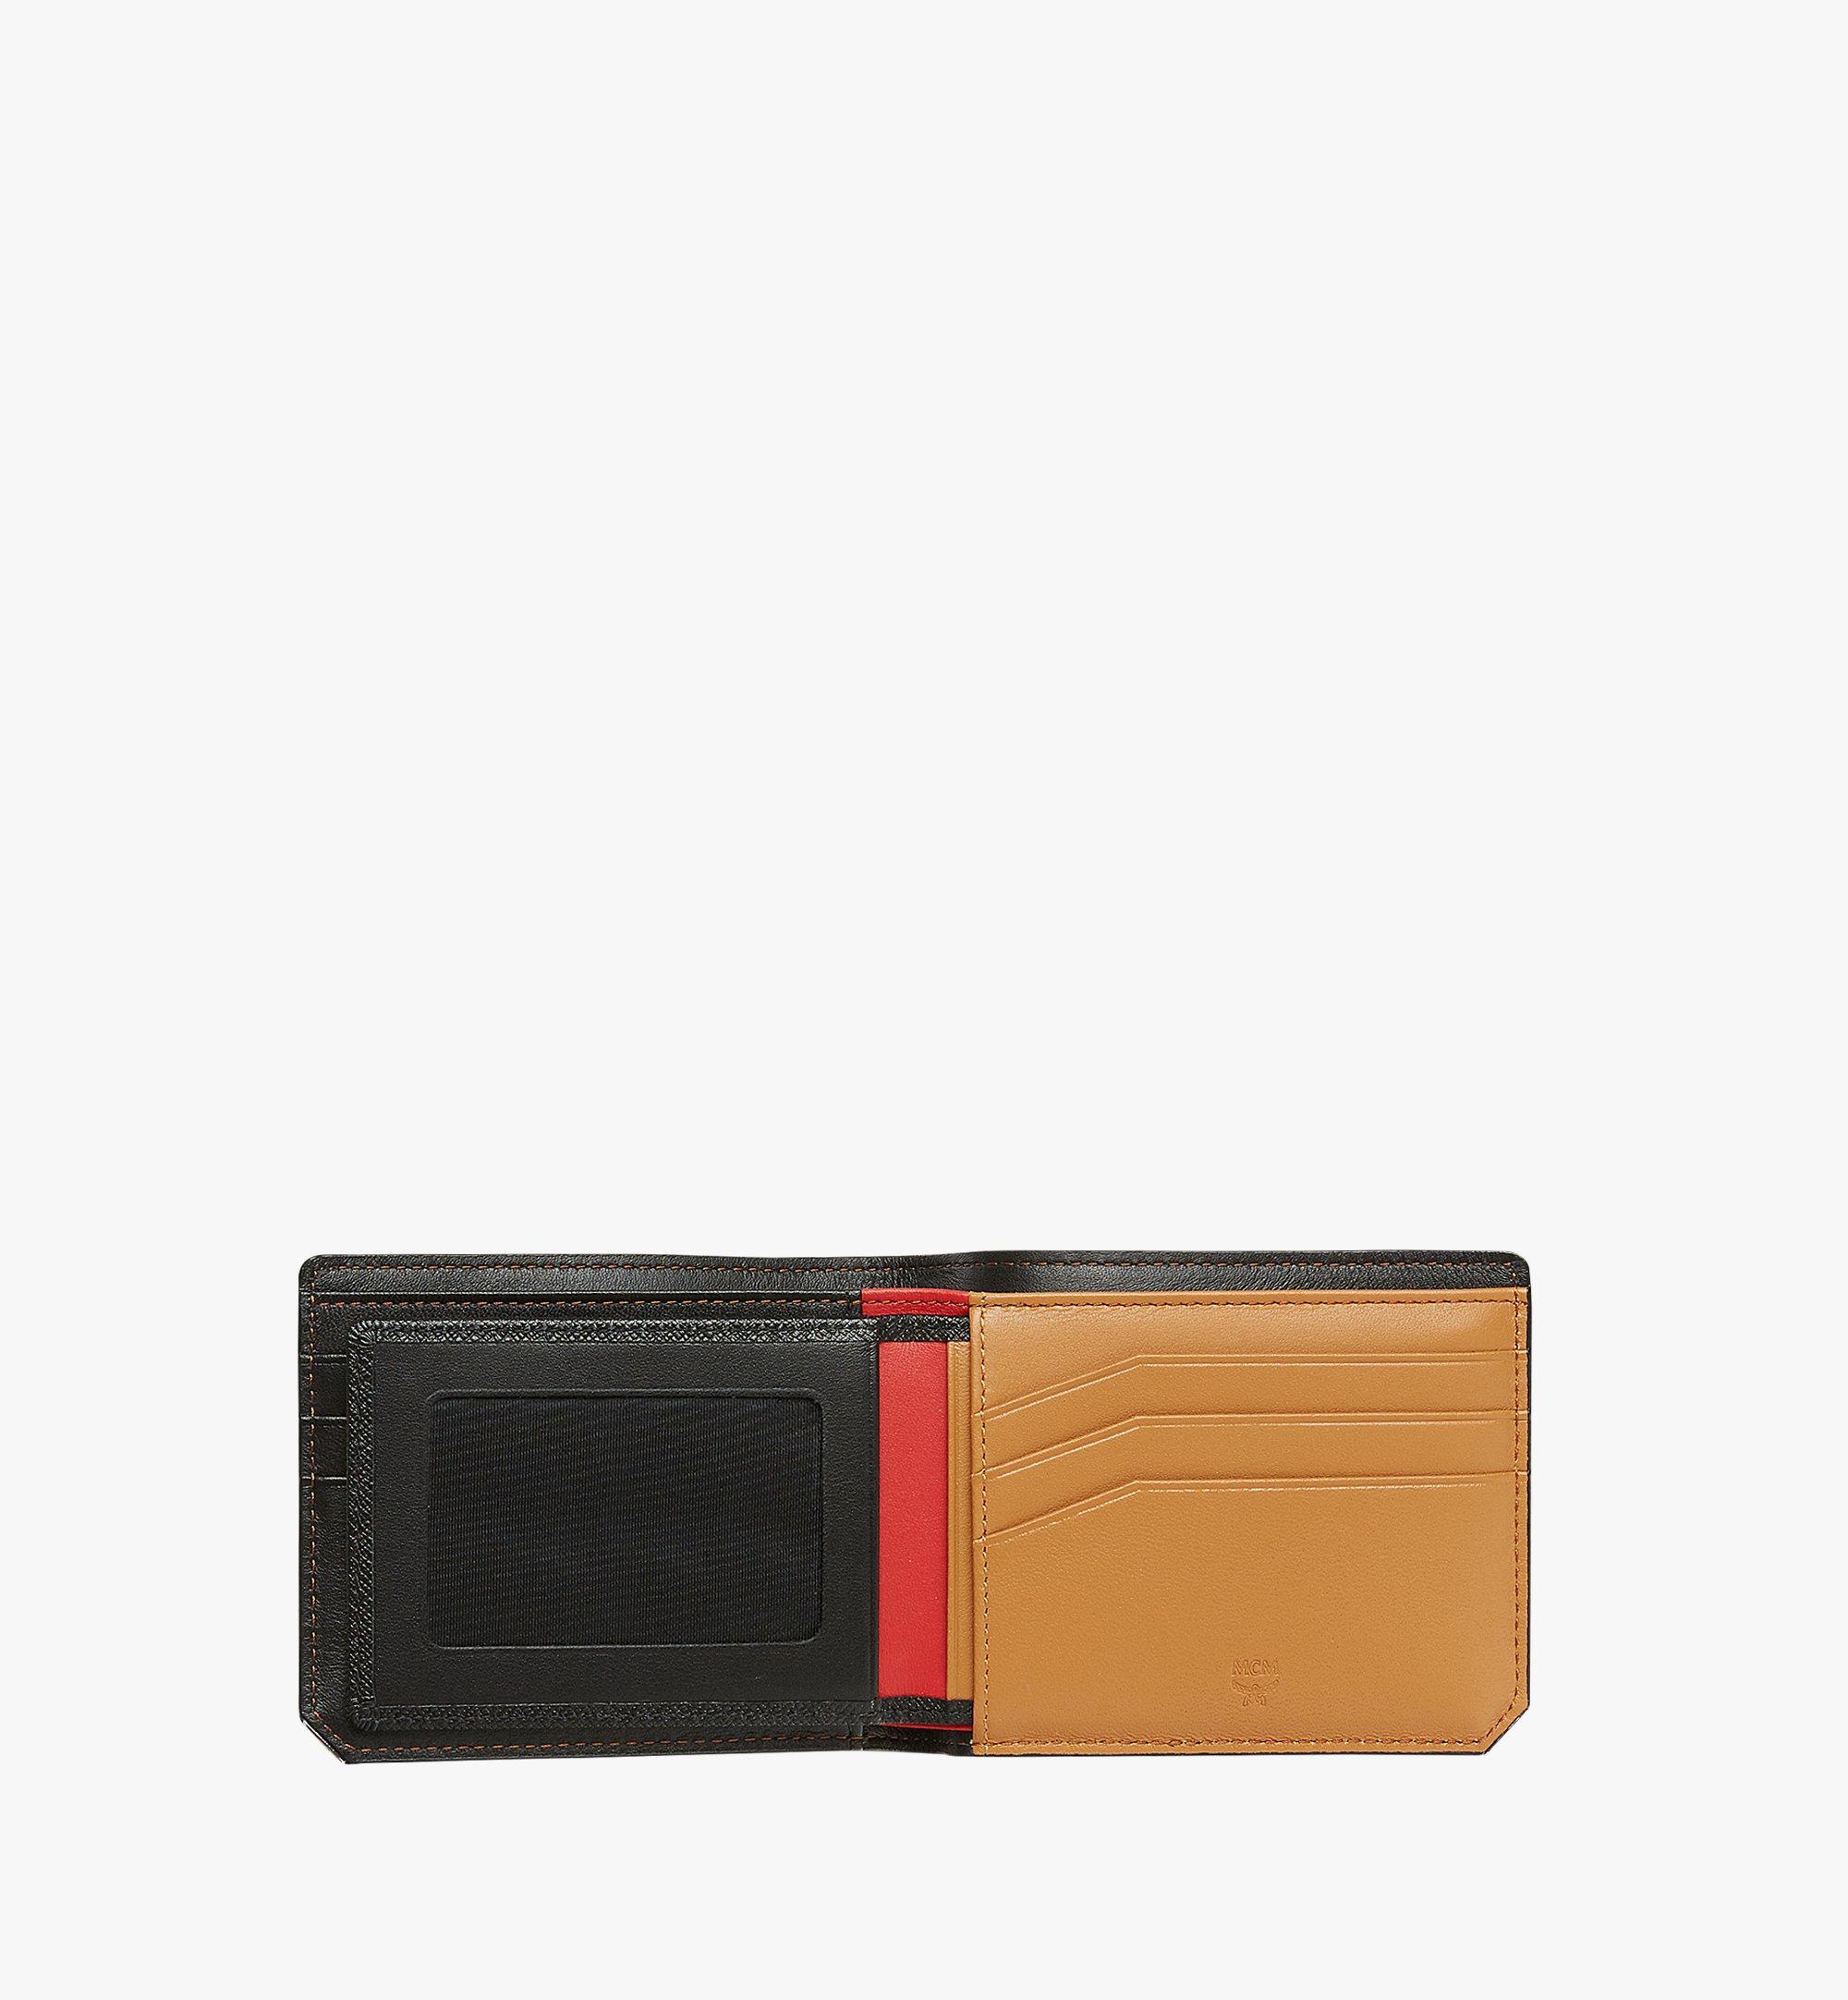 MCM New Bric 經典印花皮革兩折式錢包附卡夾 Black MXS8ALL42BK001 更多視圖 3